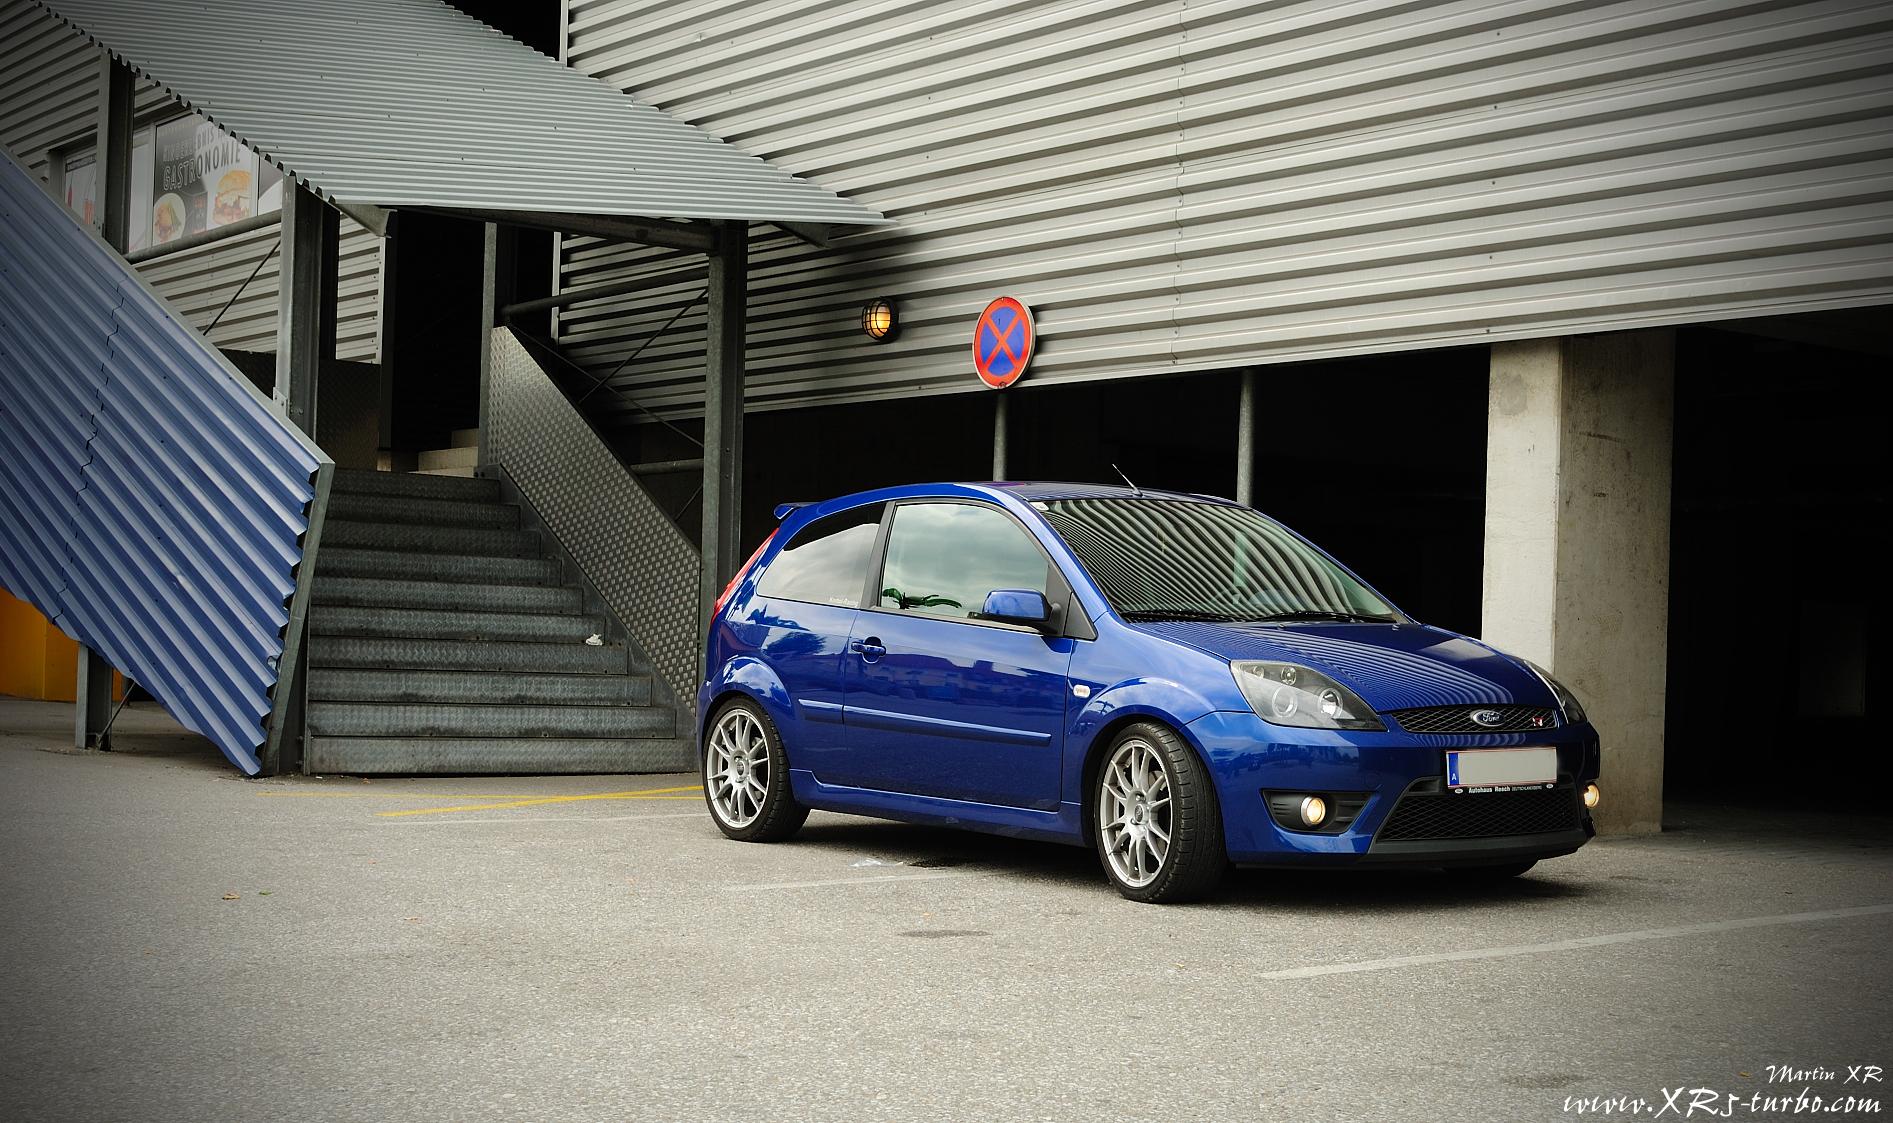 www.XR5-turbo.com - 05.08.10 Ford Fiesta ST